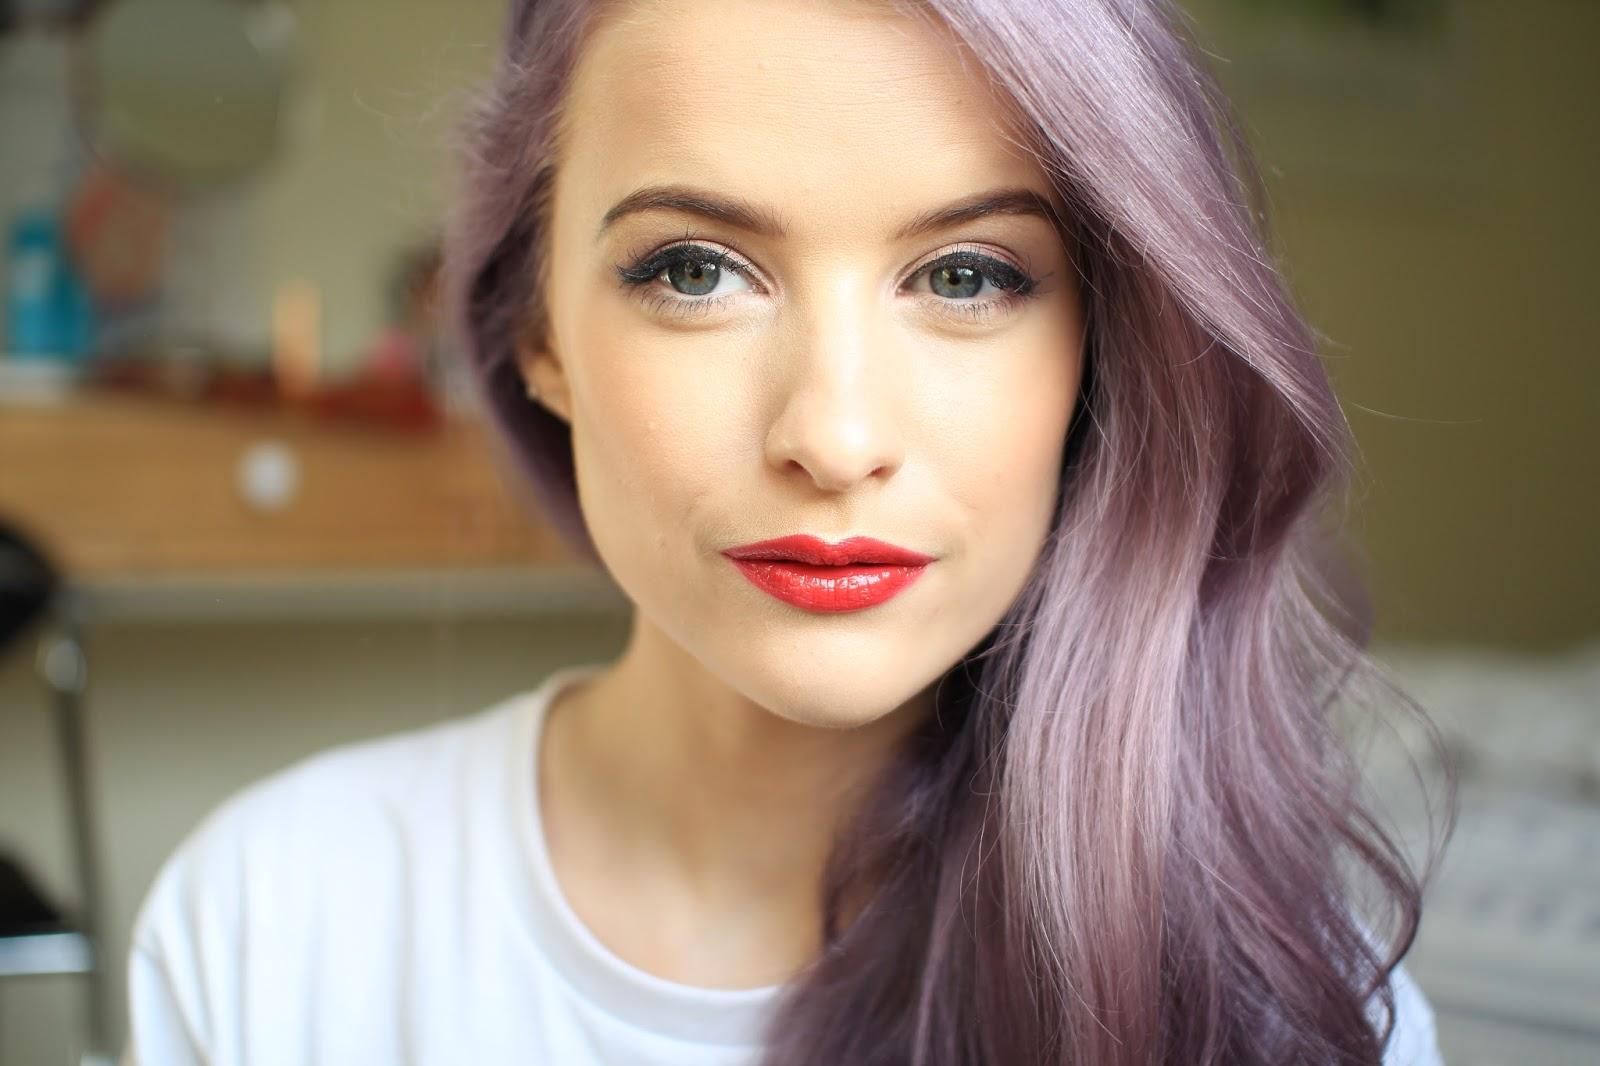 Charlotte Tilbury  full face